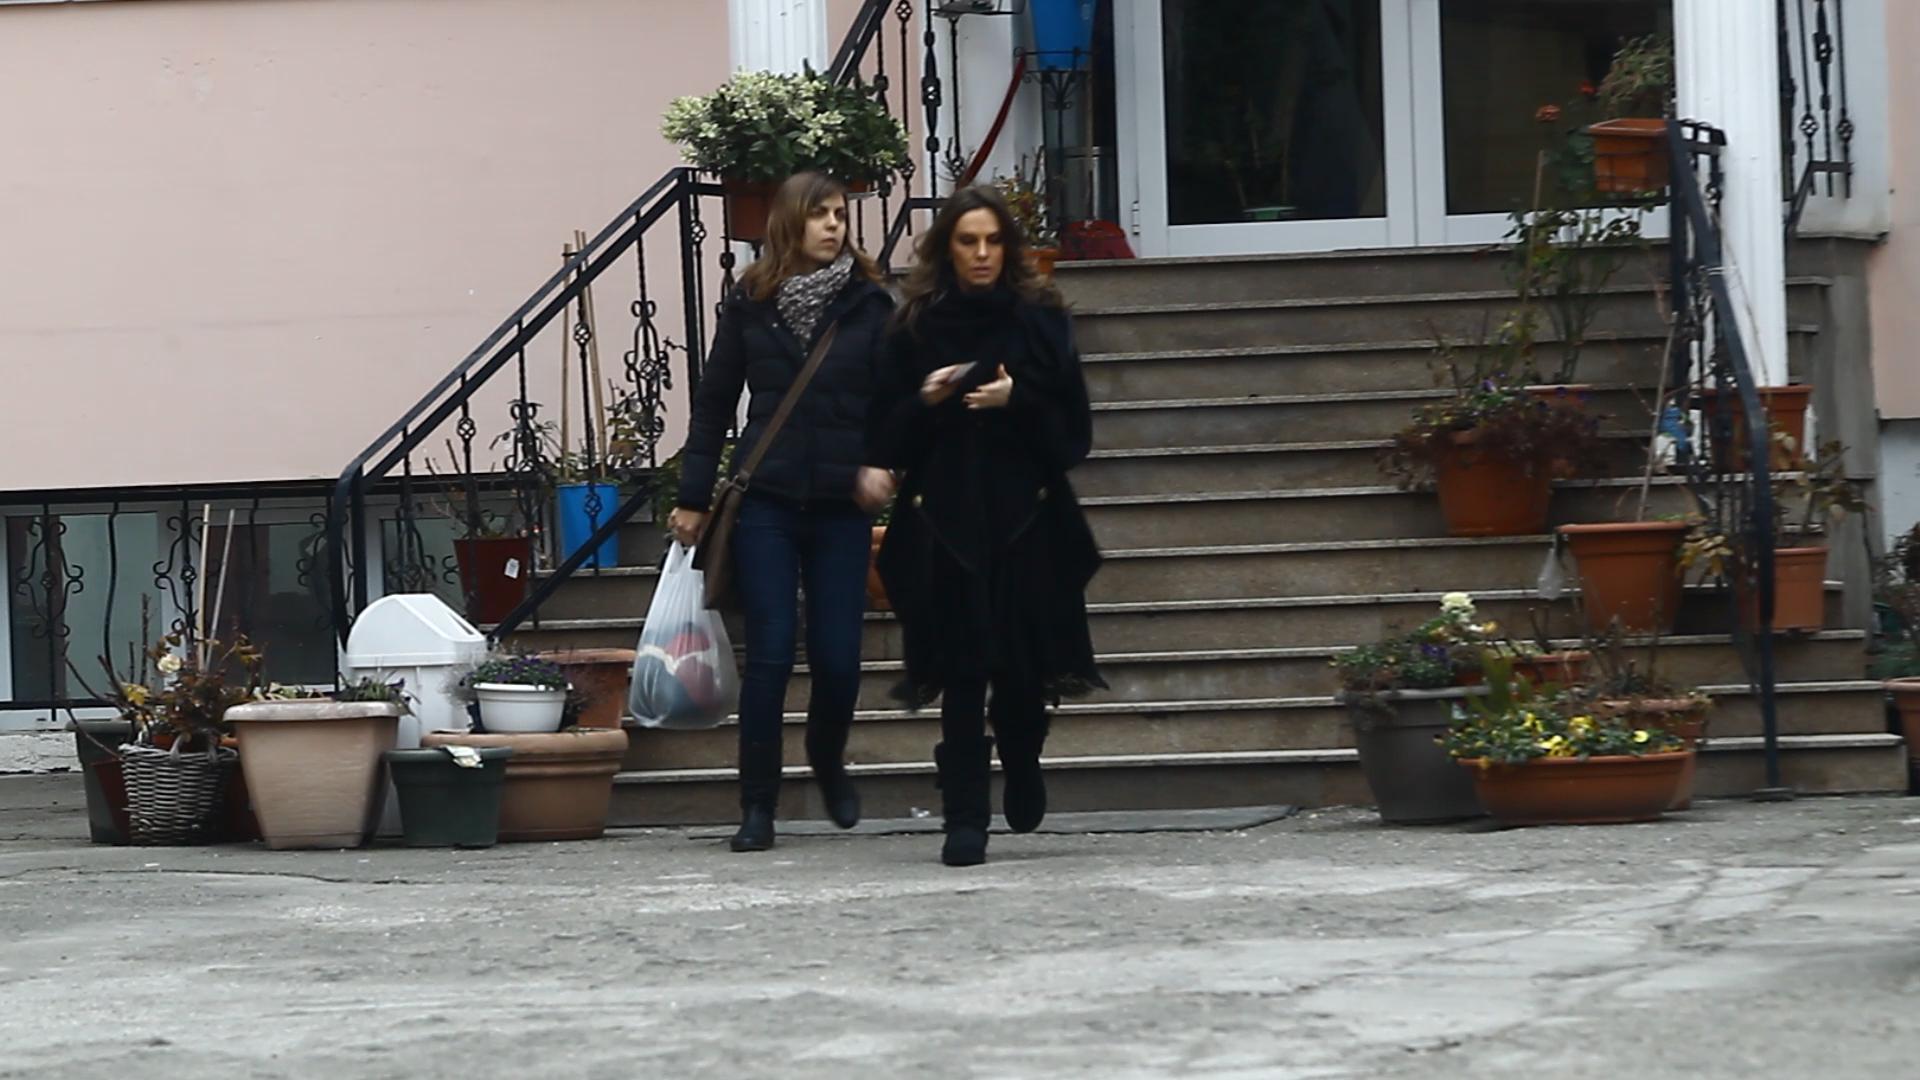 Infofolita din cap pana in picioare, Anna a mers zilele trecute cu o prietena la un depozit de tesaturi